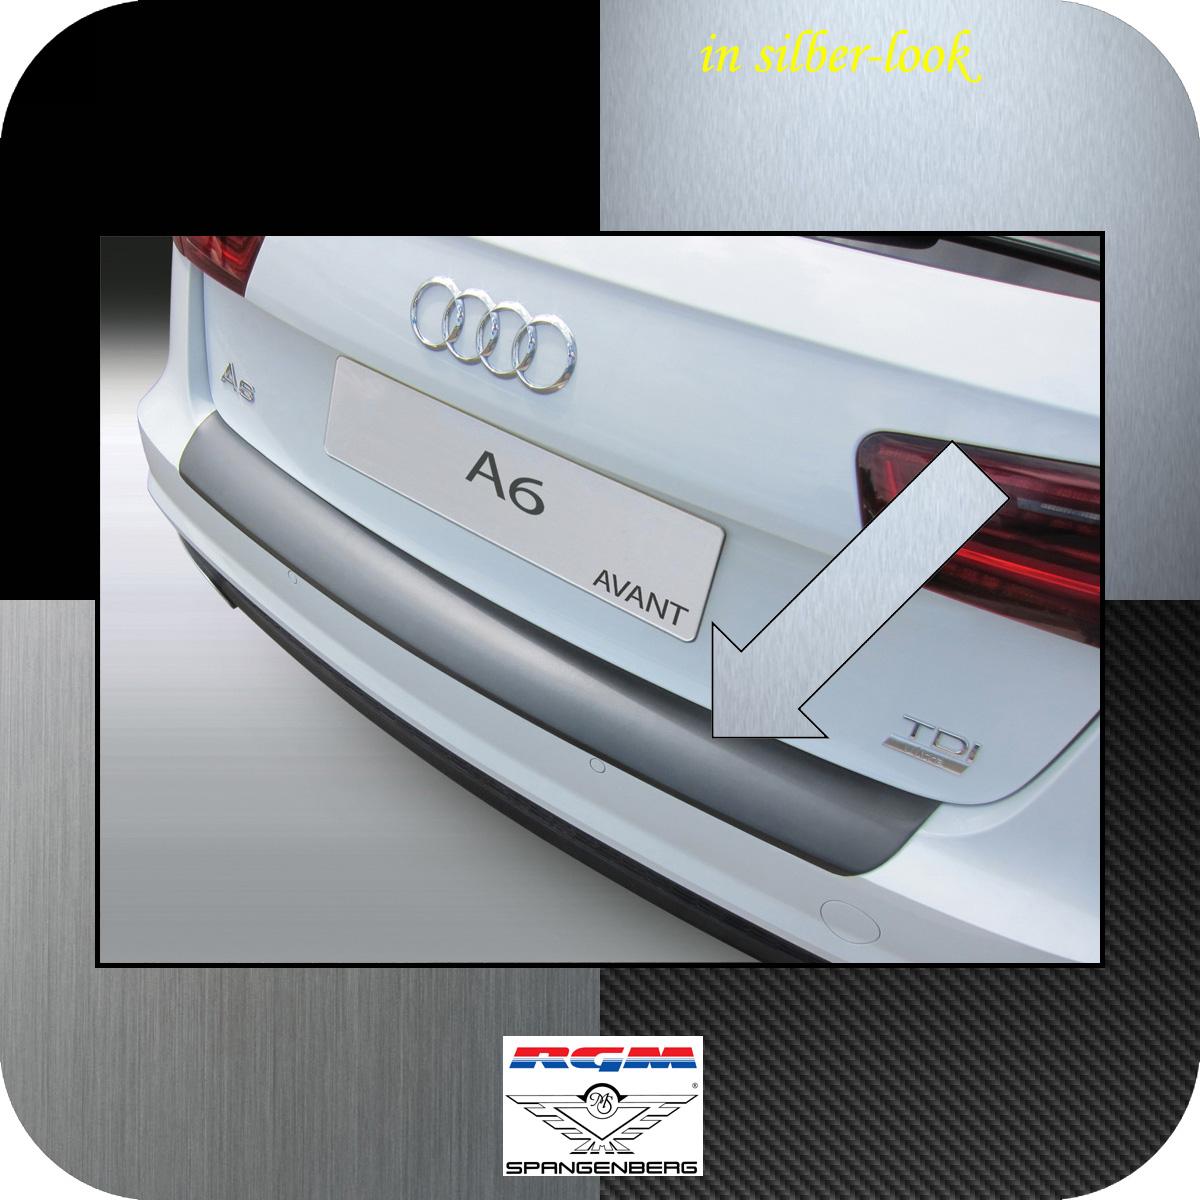 Ladekantenschutz Silber-Look Audi A6 C7 Avant auch S-Line 2016-18 not RS 3506679